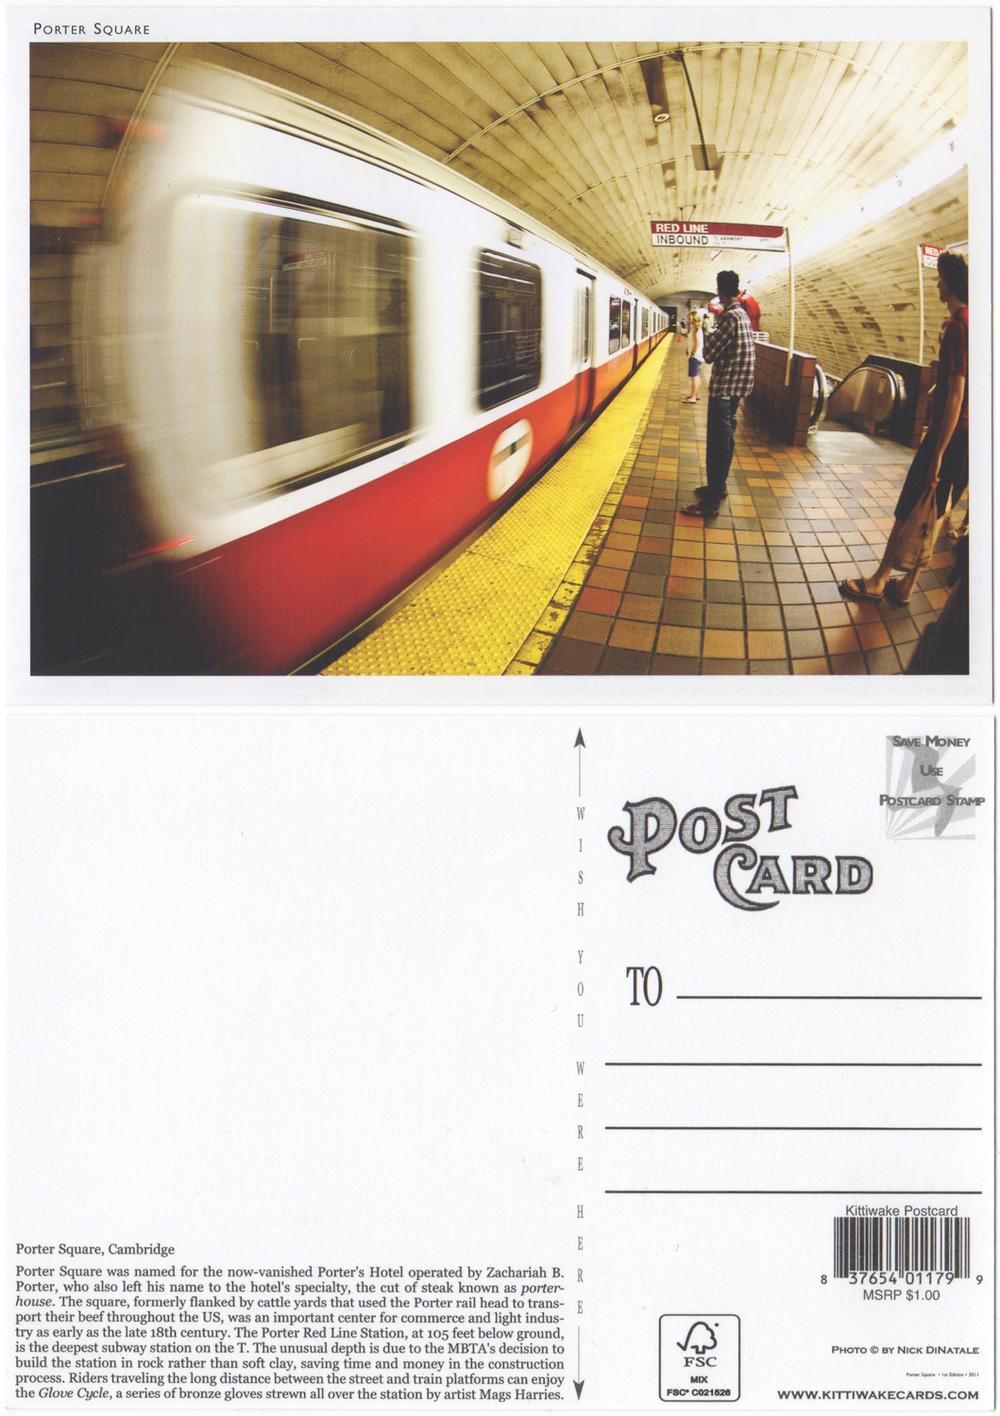 Kittiwake Card Company - 2011  Porter Square